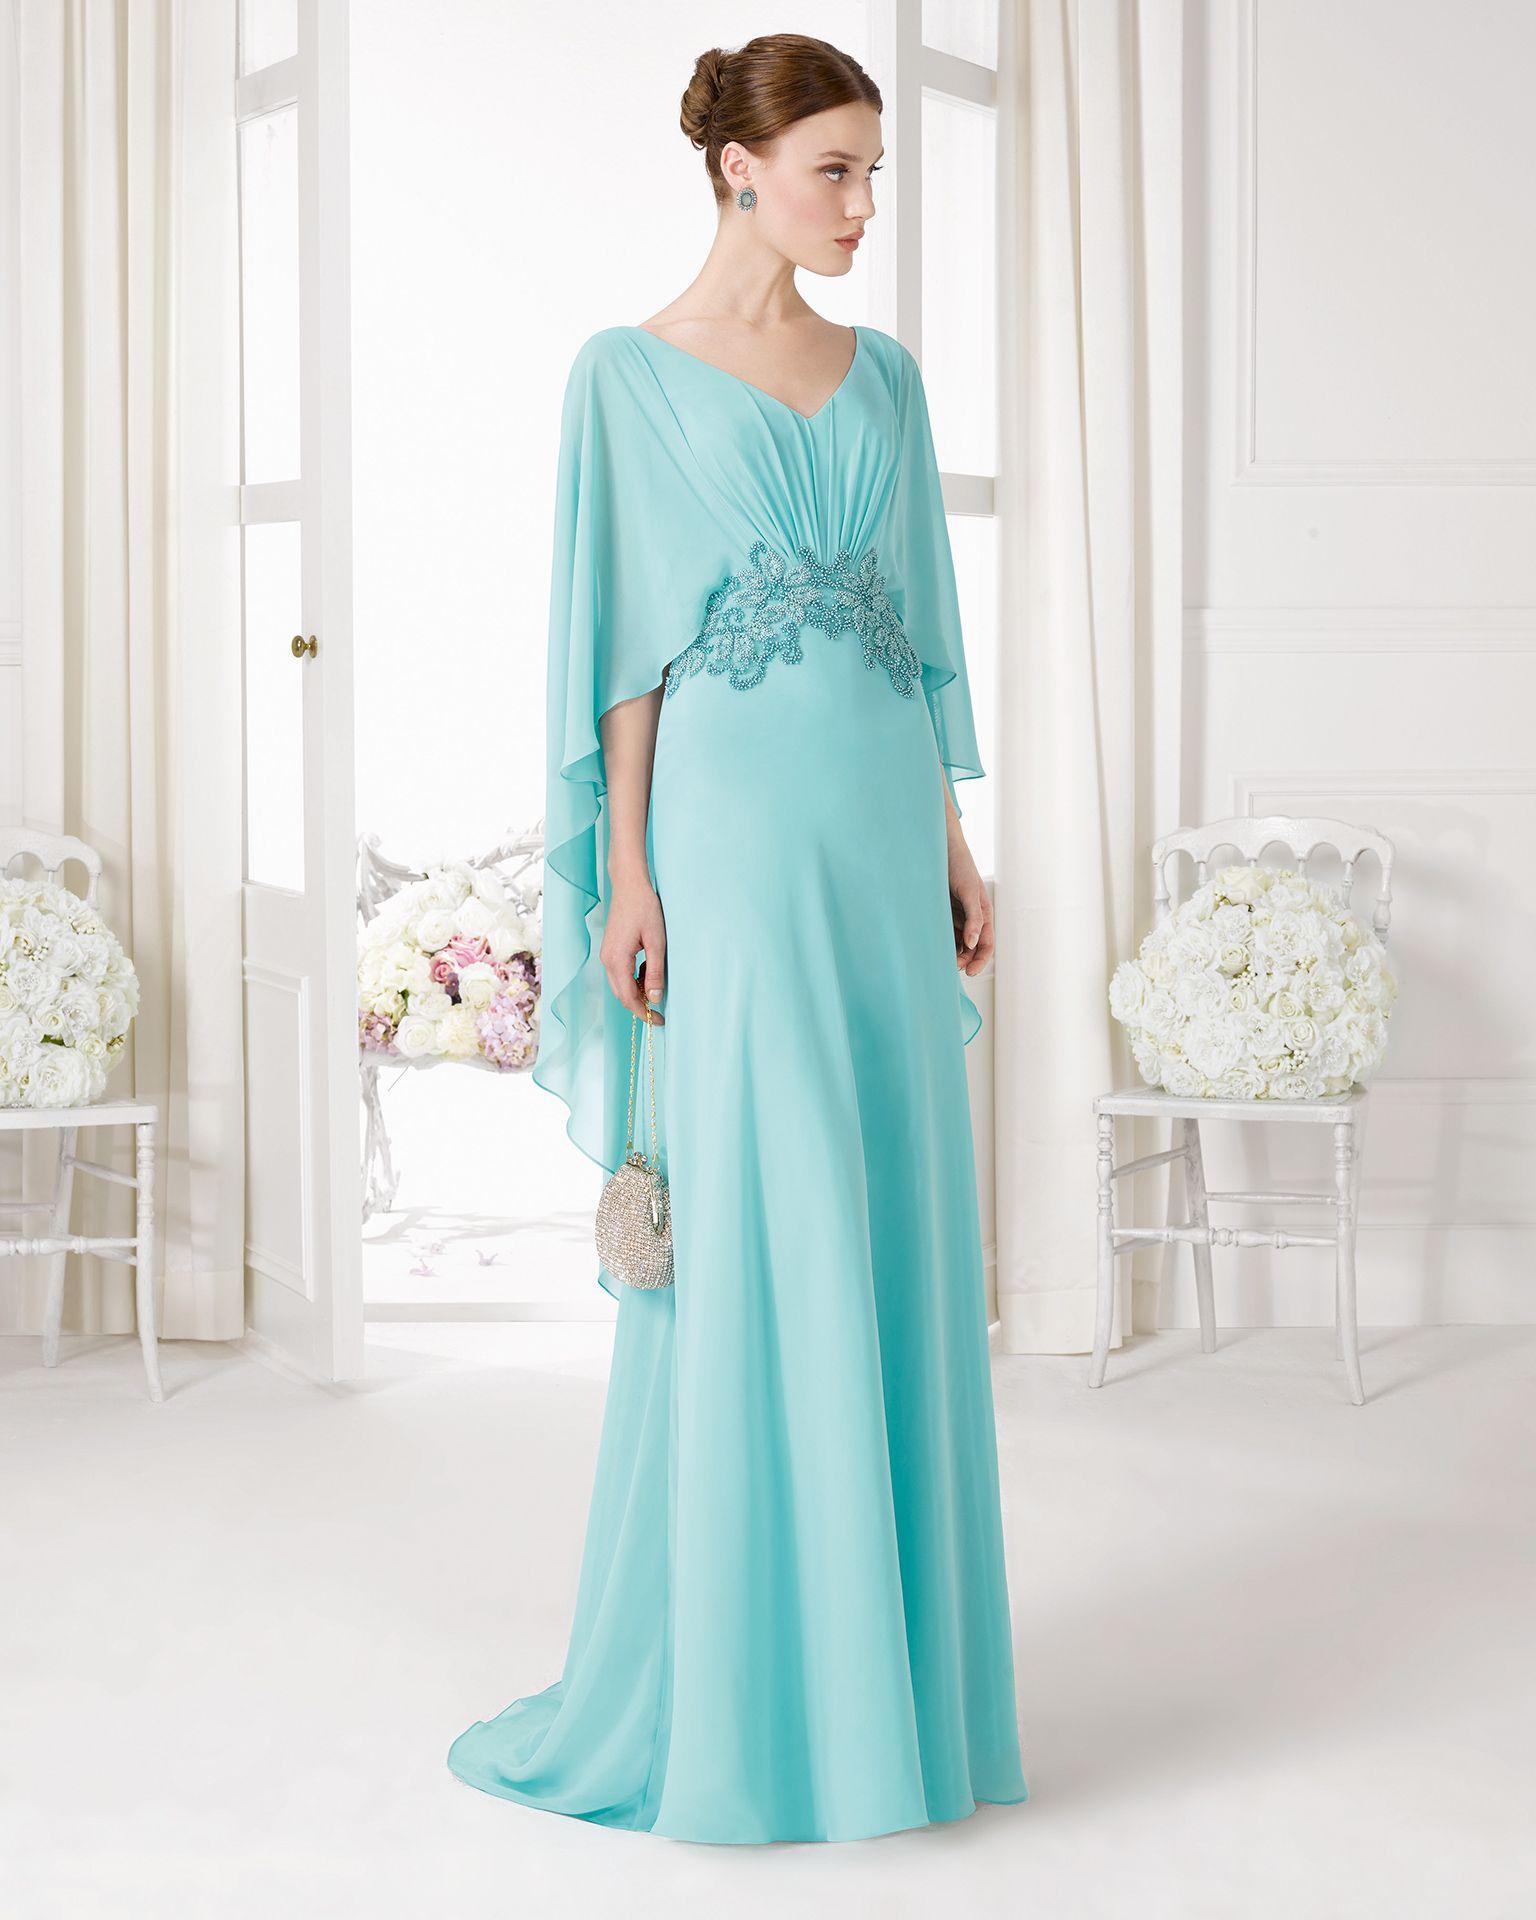 Vestido turquesa claro con mangas. Código: 9u172 | Vestidos de ...